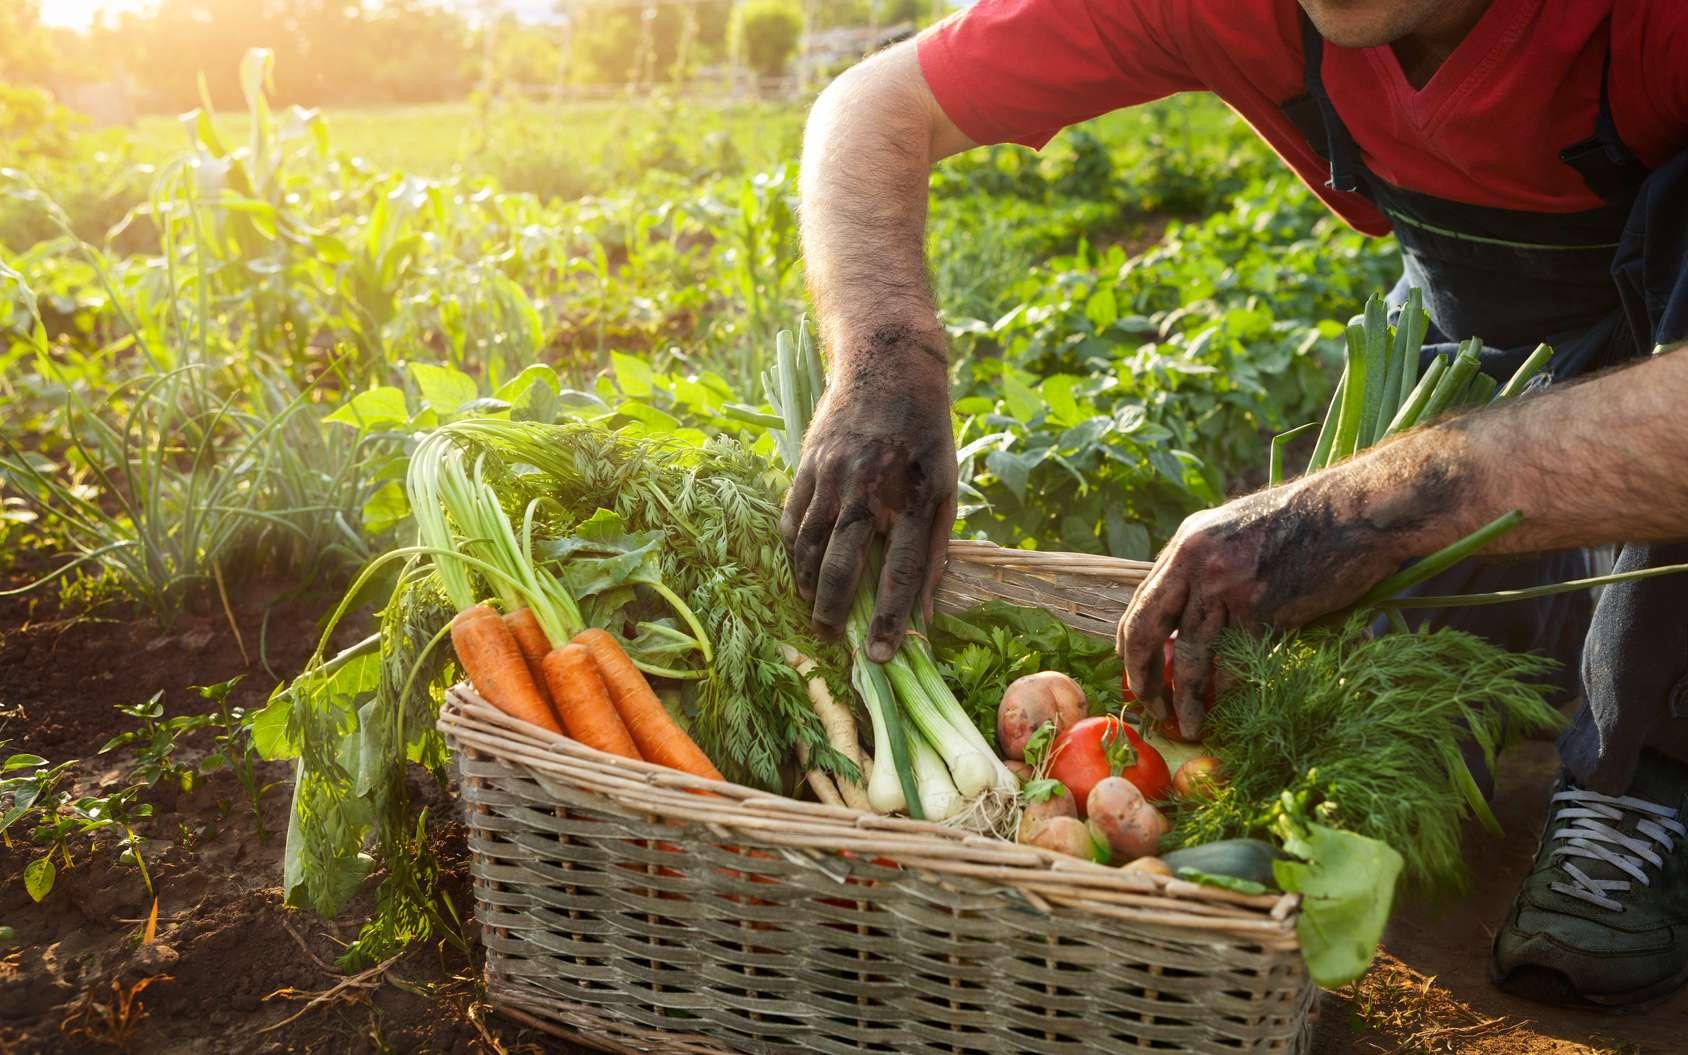 Les produits bios ne sont pas systématiquement meilleurs pour la santé. Cependant, ils participent au principe de précaution sanitaire et protègent davantage l'environnement. © Cherries, fotolia